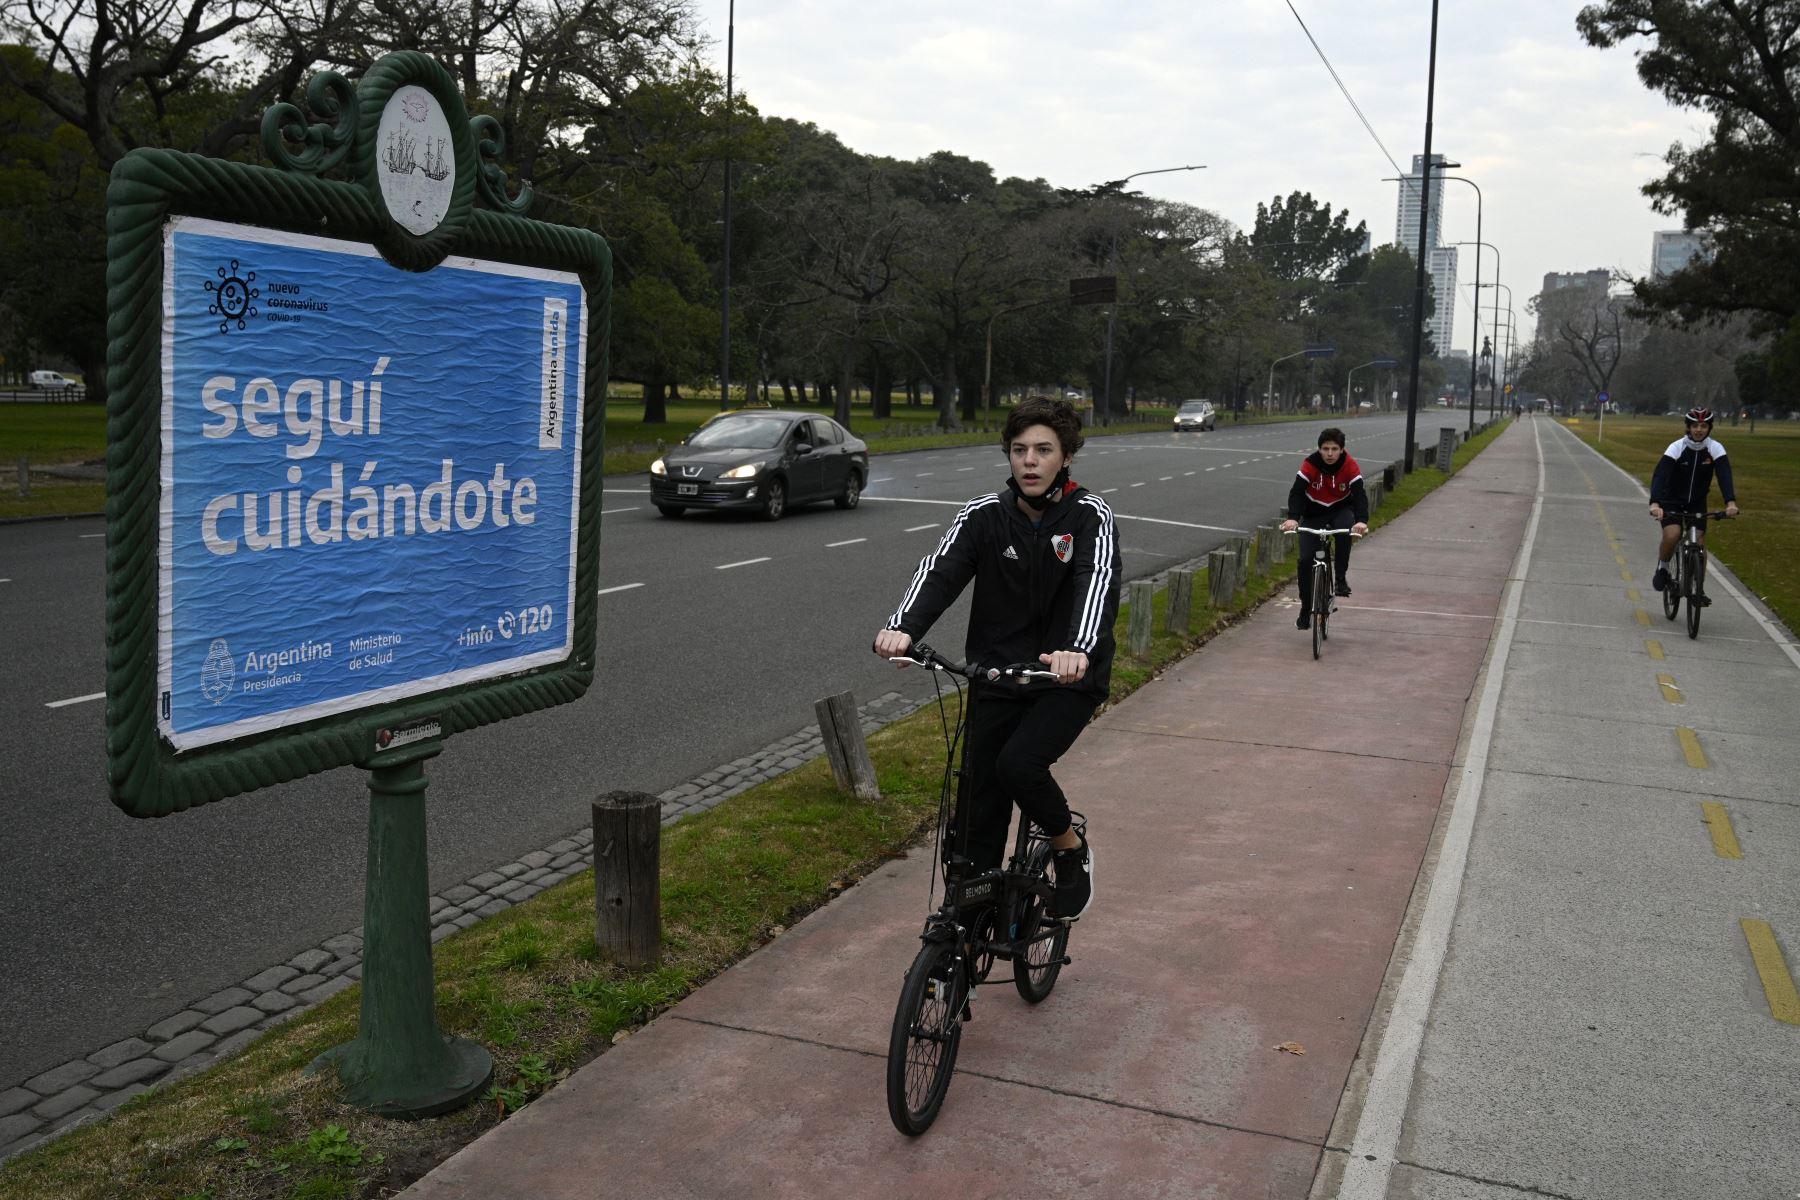 Un grupo de niños andan en bicicleta en el centro de la ciudad de Buenos Aires, Argentina. Foto: AFP